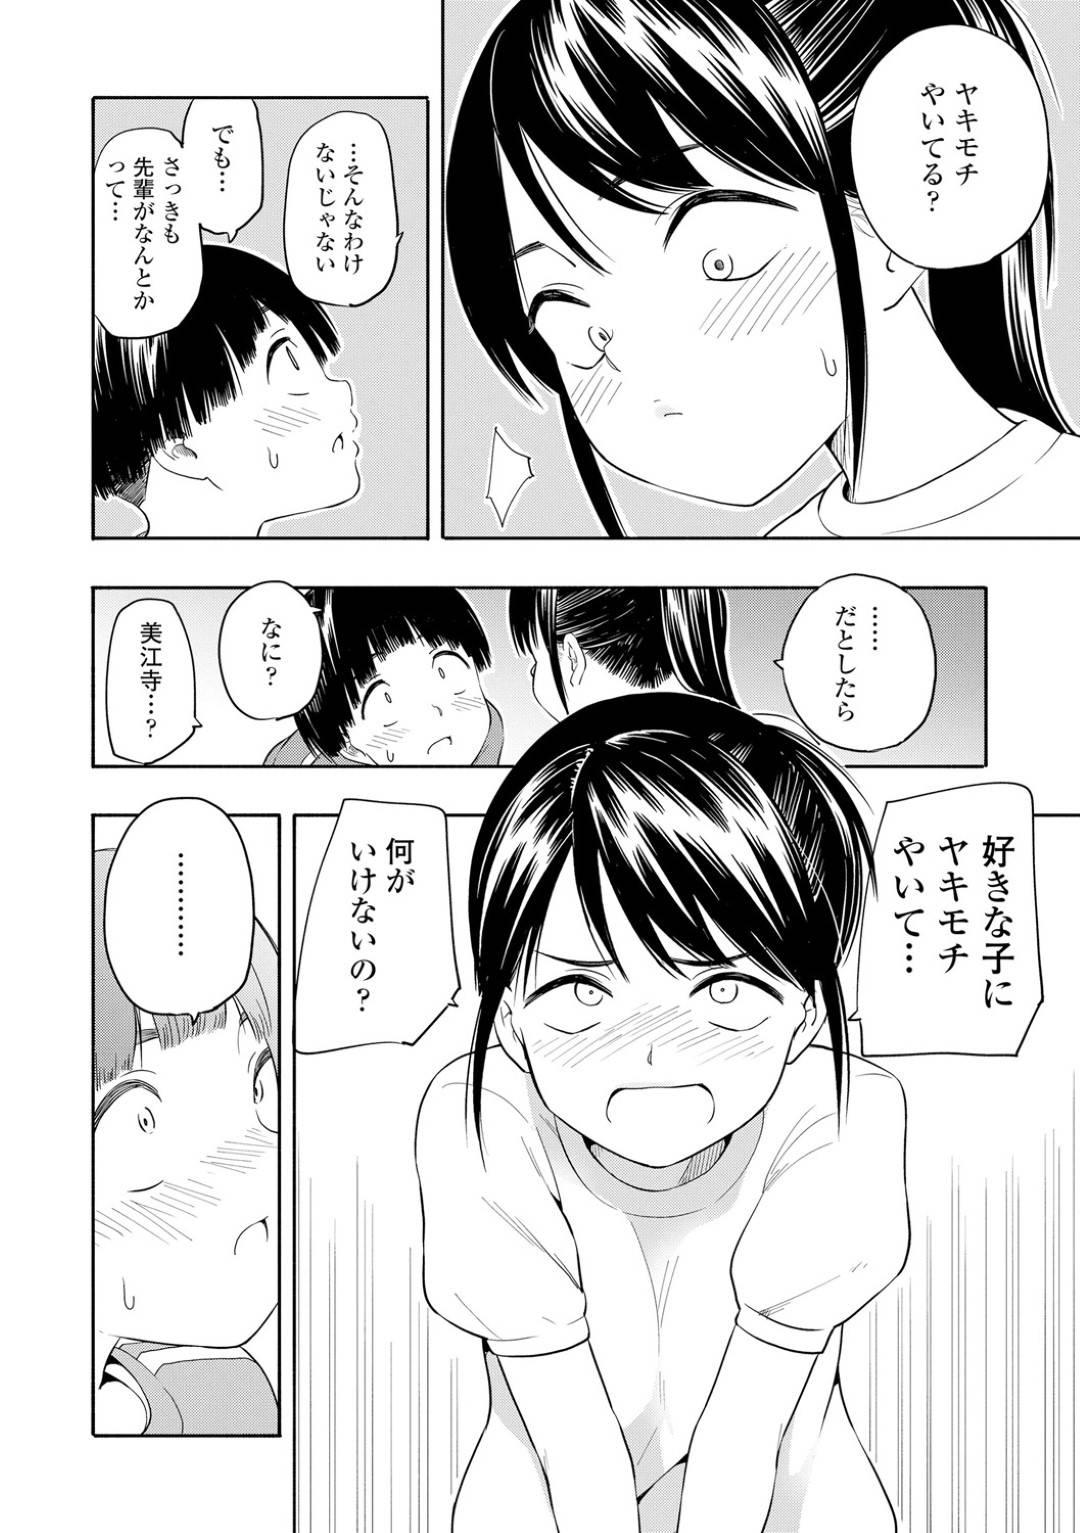 【エロ漫画】隣の席のシャイな男子生徒とセックスしてから距離が縮まった美少女JC…久しぶりにセックスの誘いを受けて配膳室でセックス!【きいろいたまご】